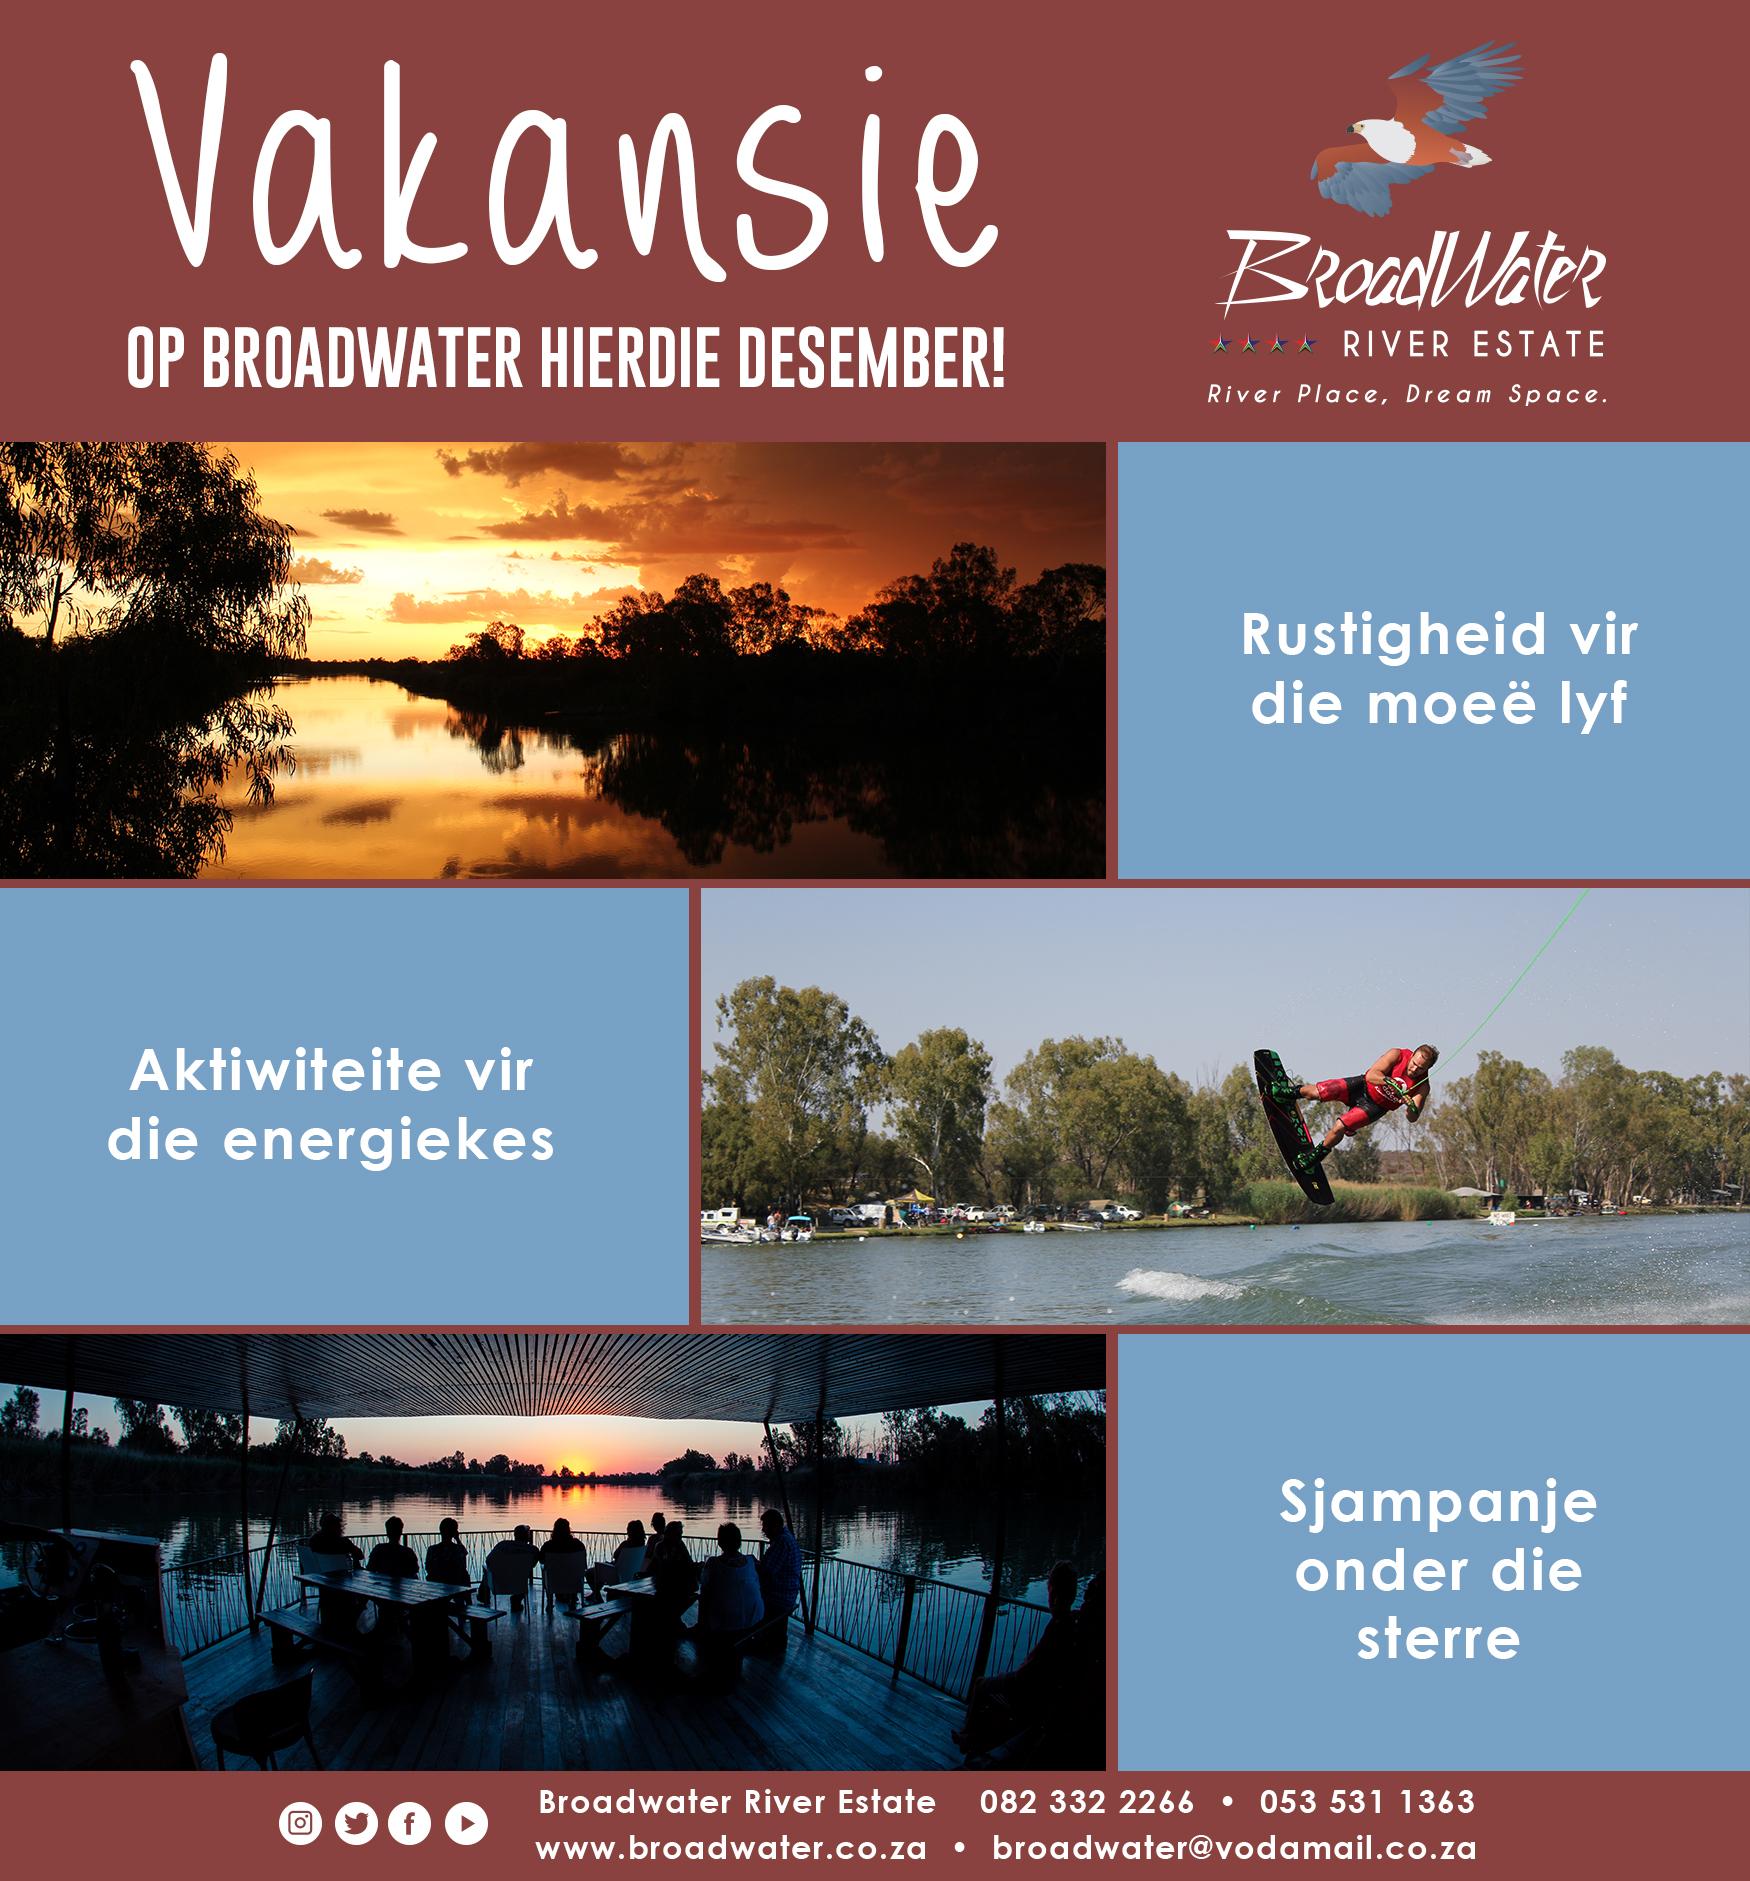 vakansie op broadwater hierdie december!